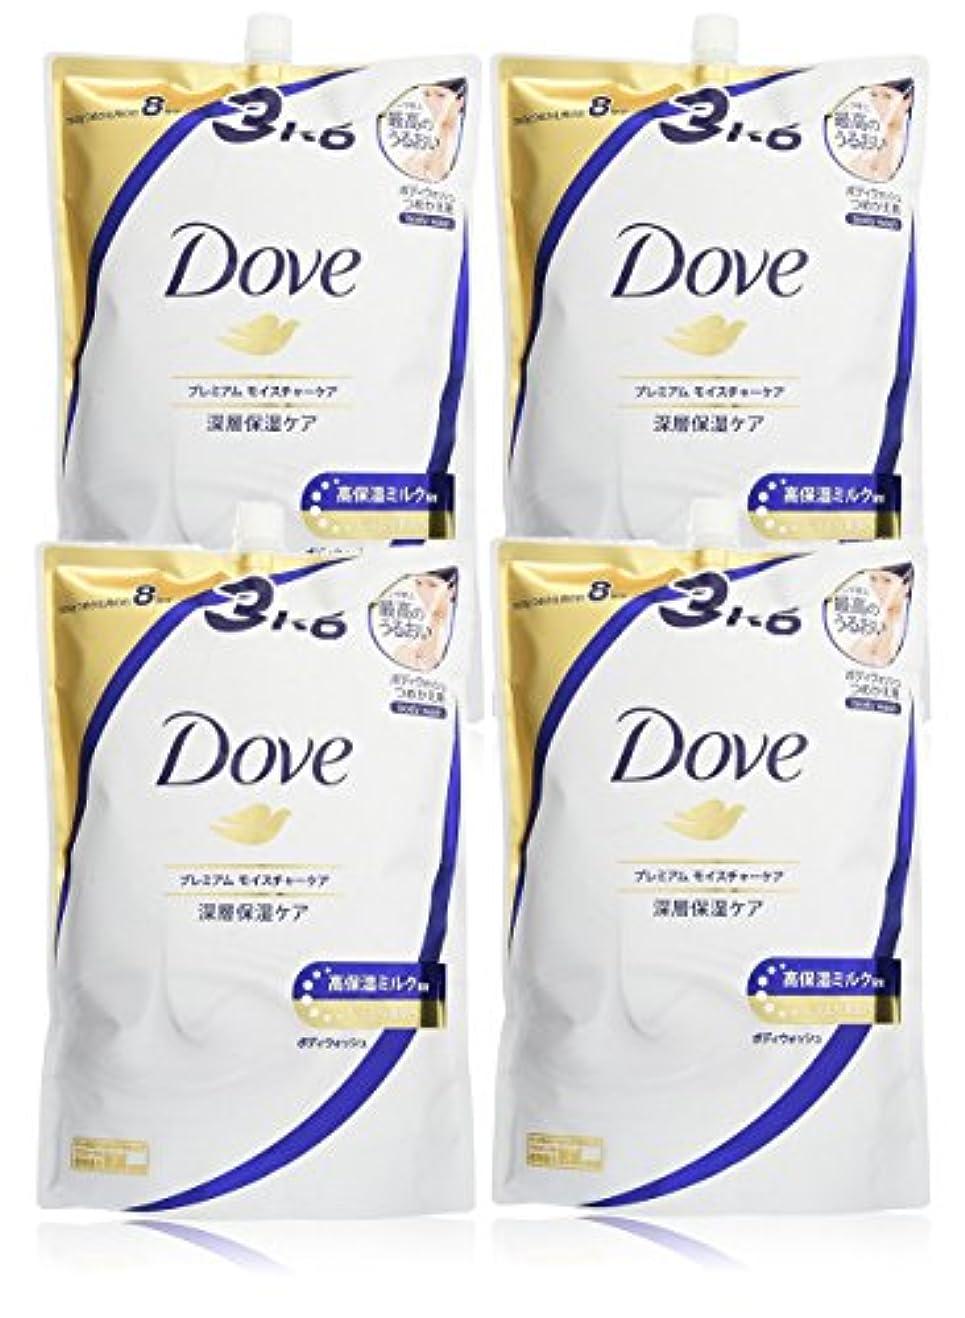 販売員原点船酔い【ケース販売】 Dove(ダヴ) ボディウォッシュ プレミアム モイスチャーケア つめかえ用 3kg×4個